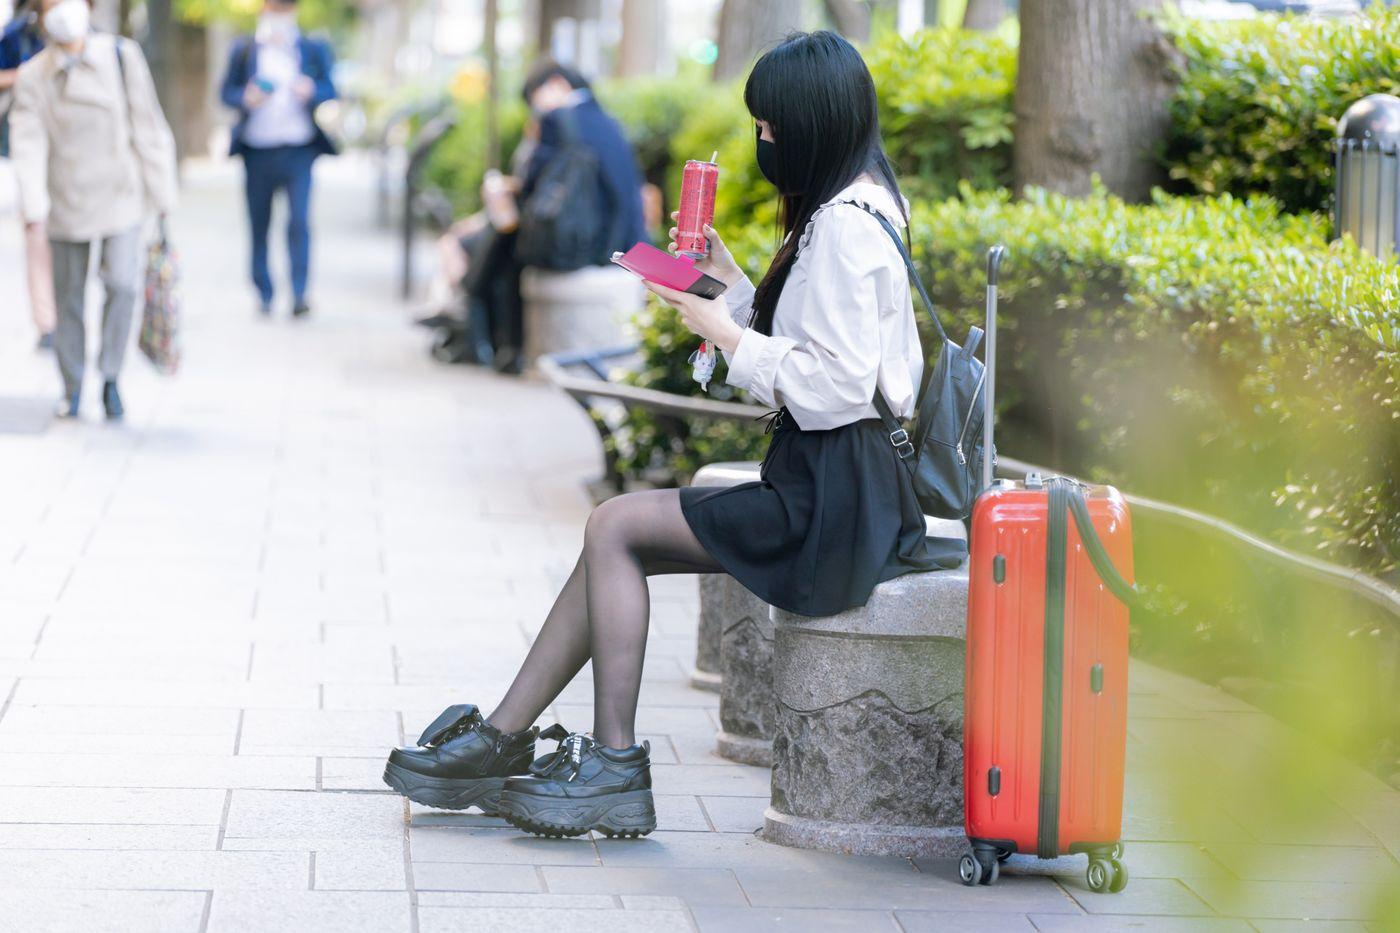 ピンモン片手に待ち合わせをしている女性の様子の写真